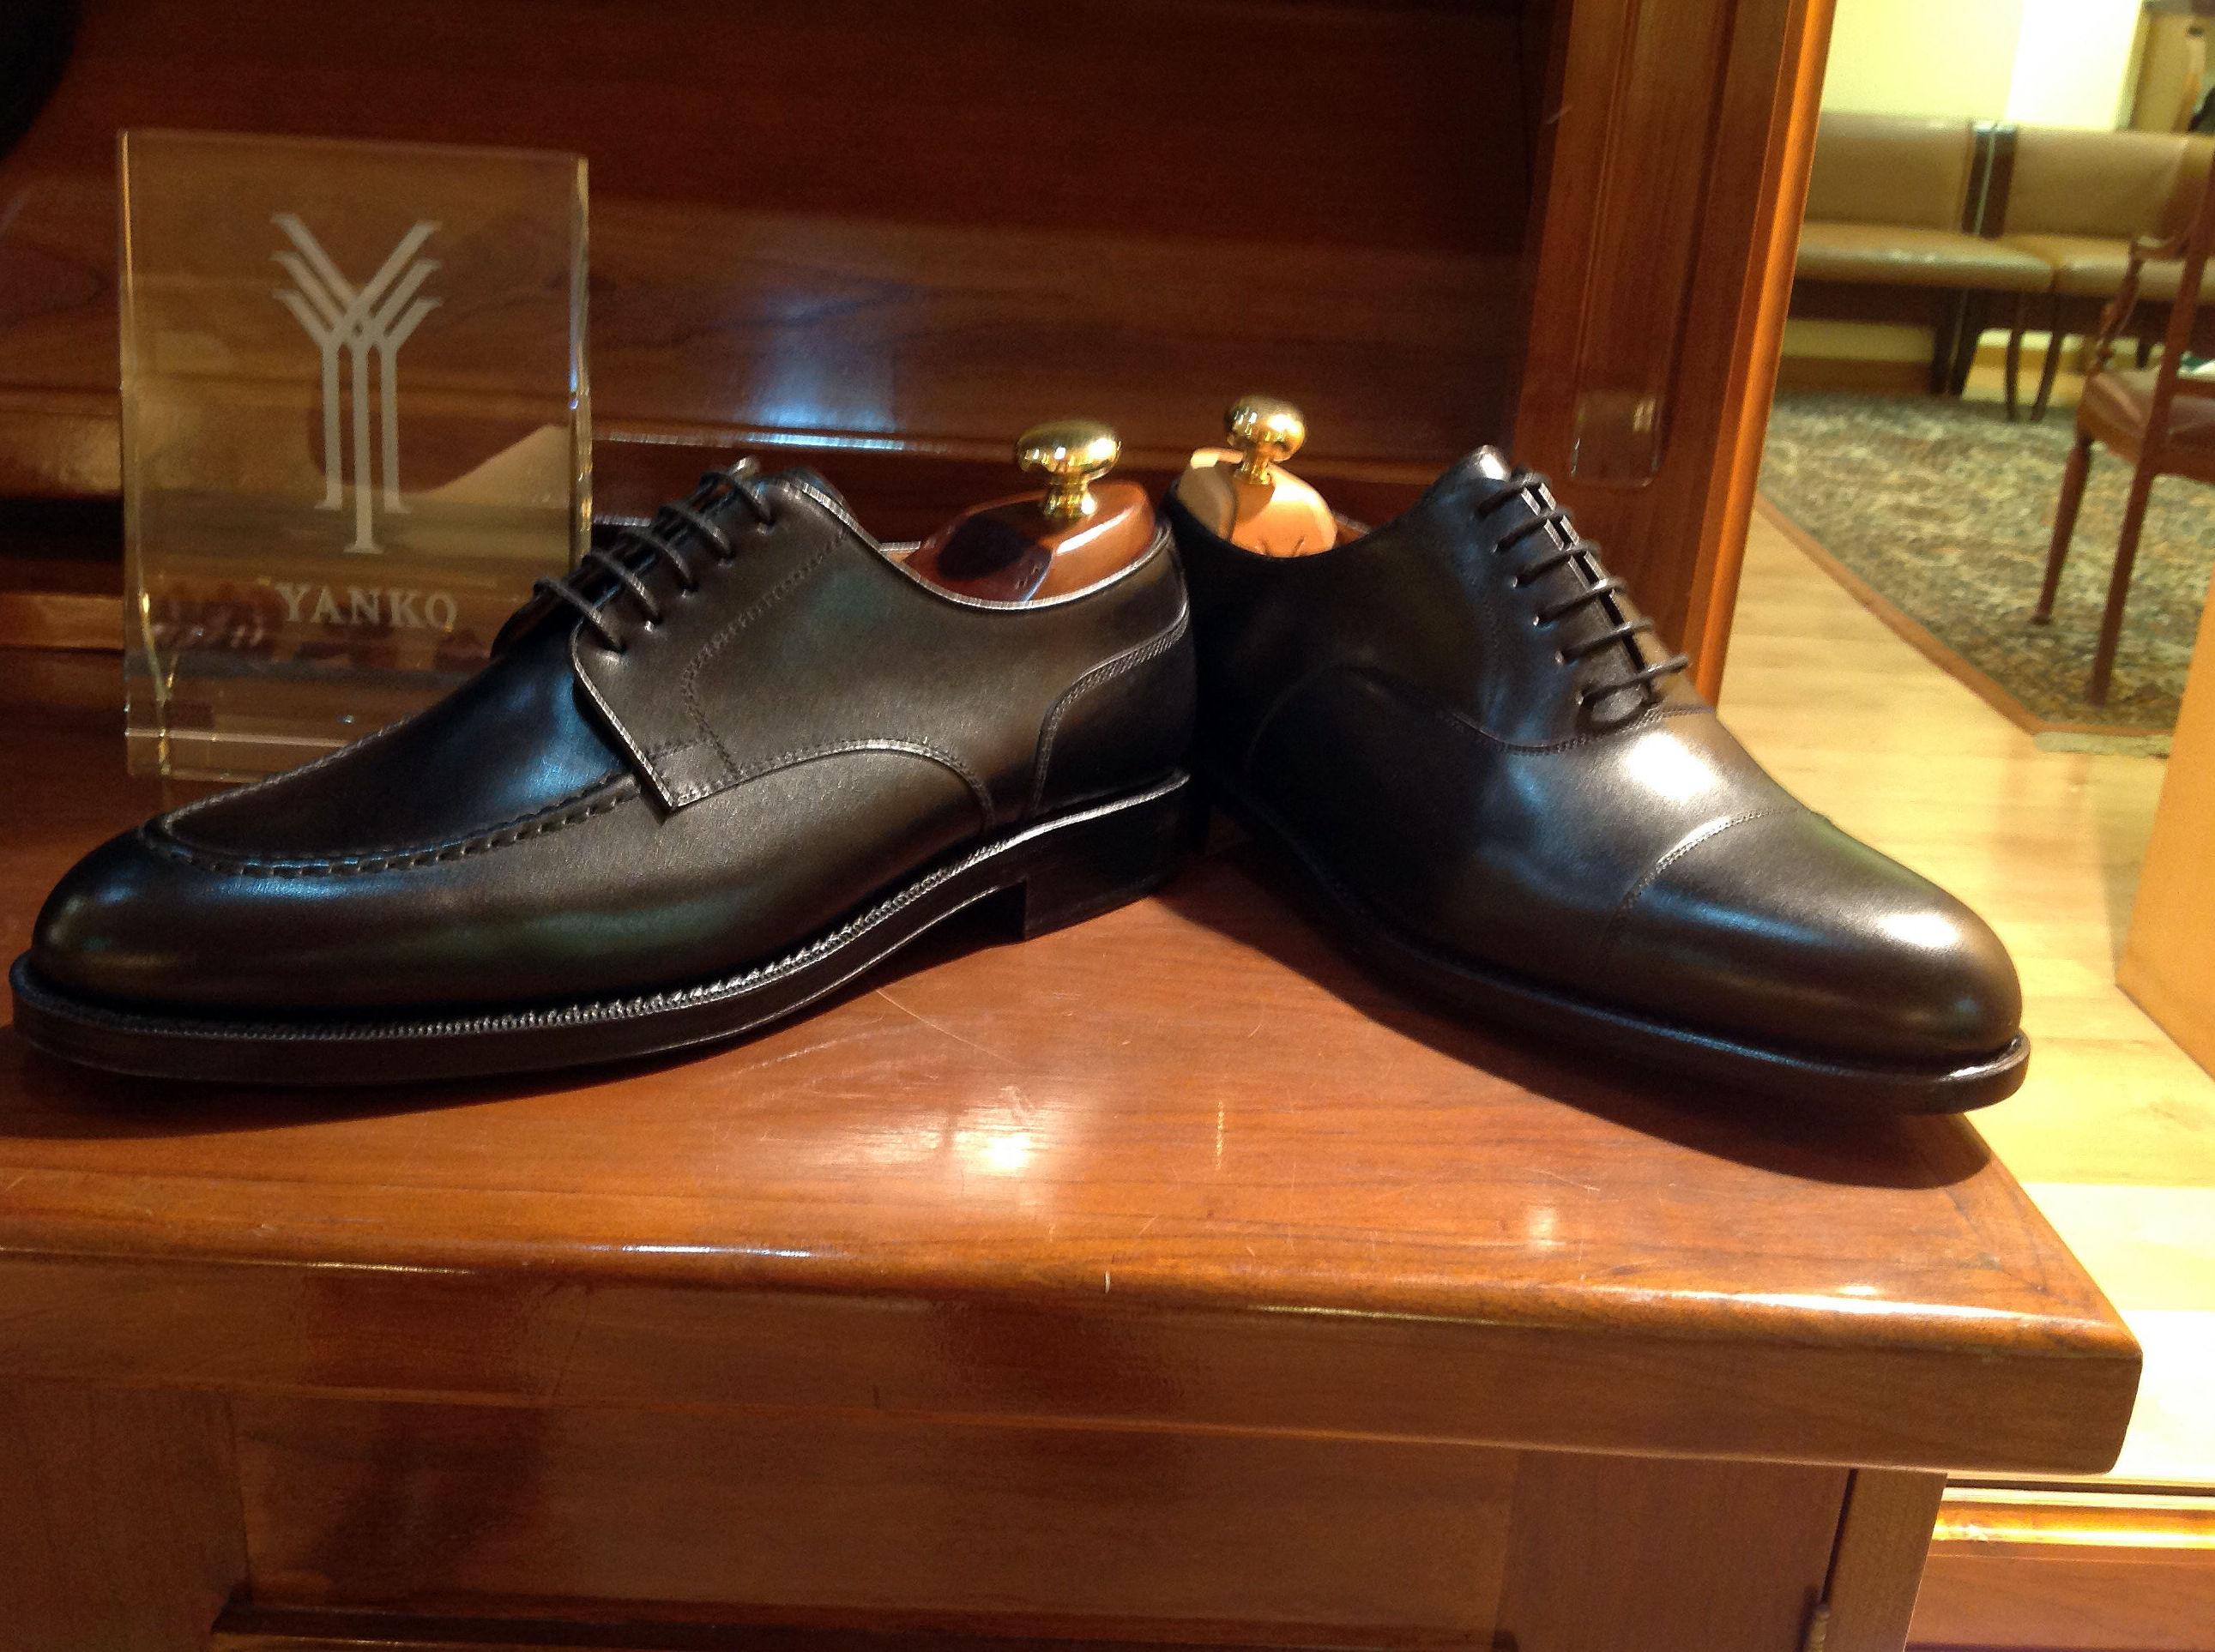 Zapatos Yanko en el barrio de Salamanca